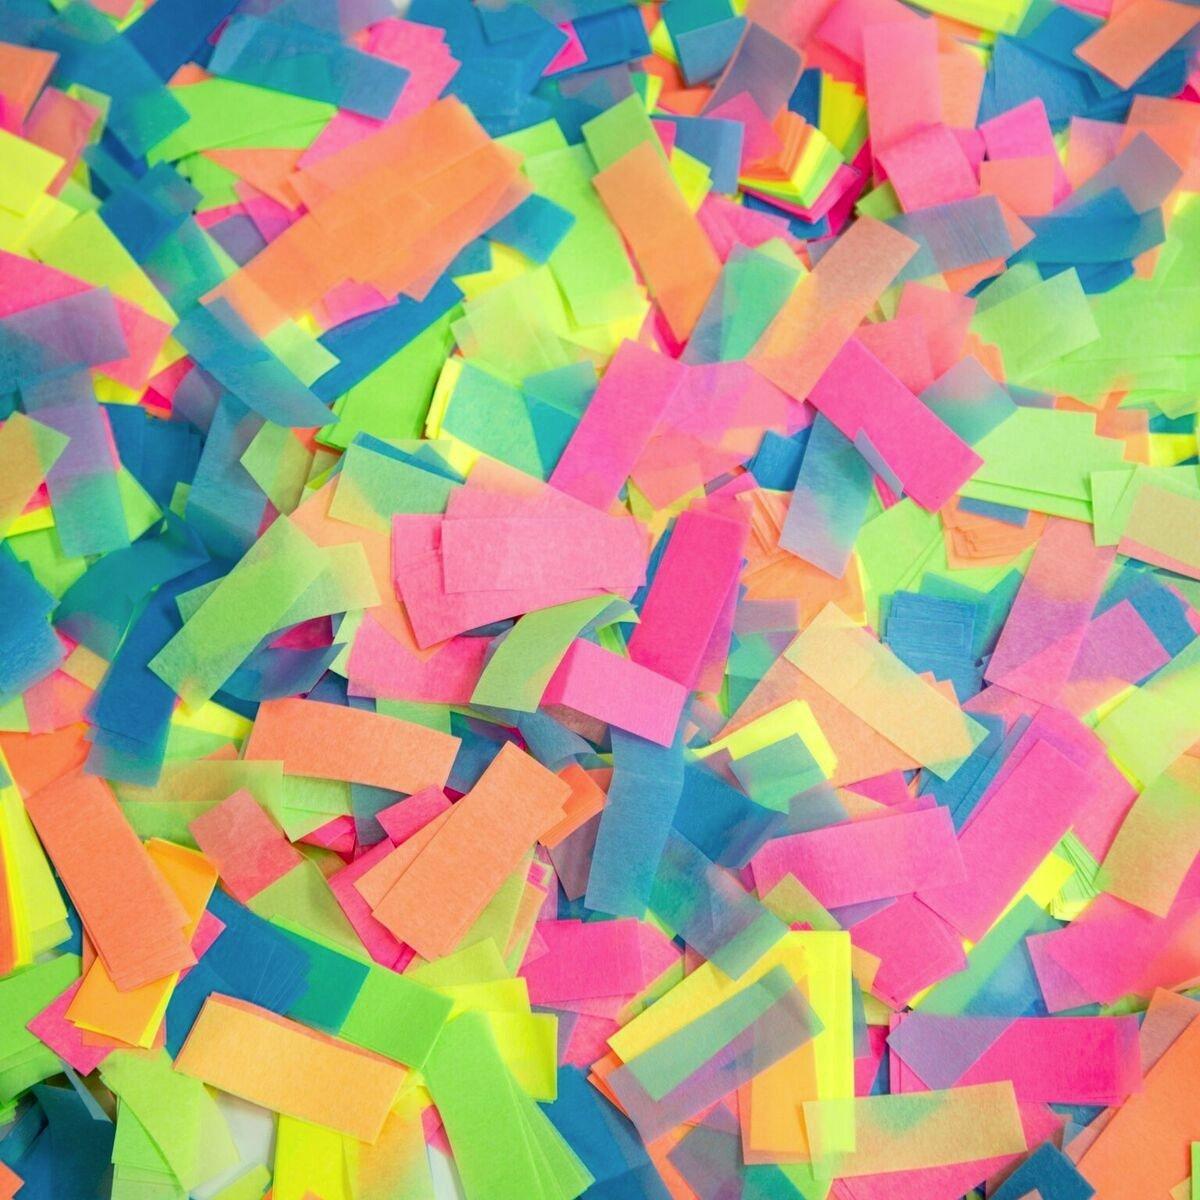 UV Blacklight Mixed Confetti by Ultimate Confetti (Image #1)